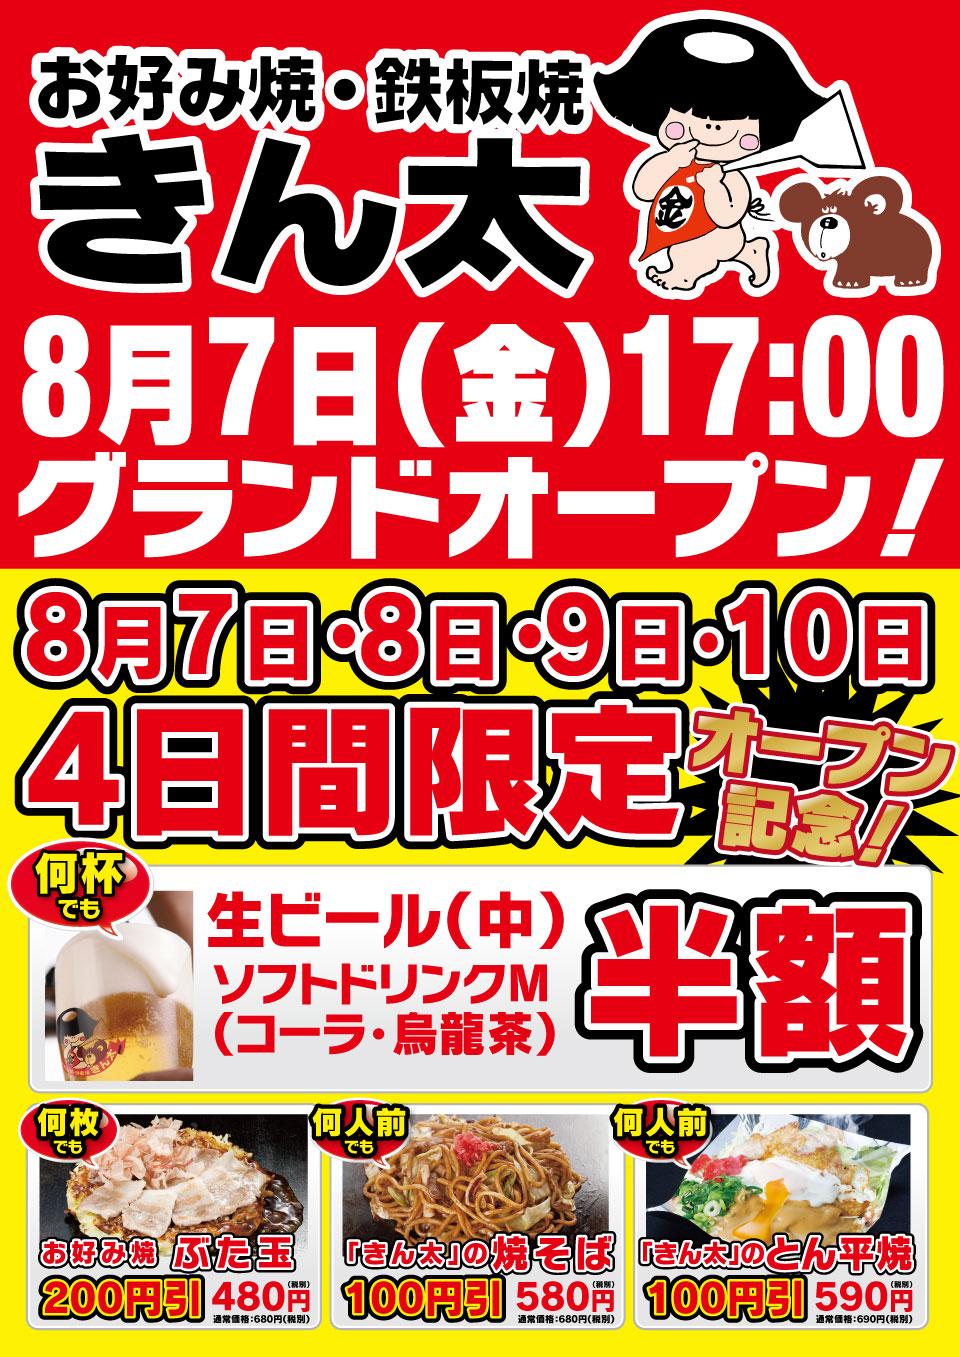 奈良学園前店オープンイベント